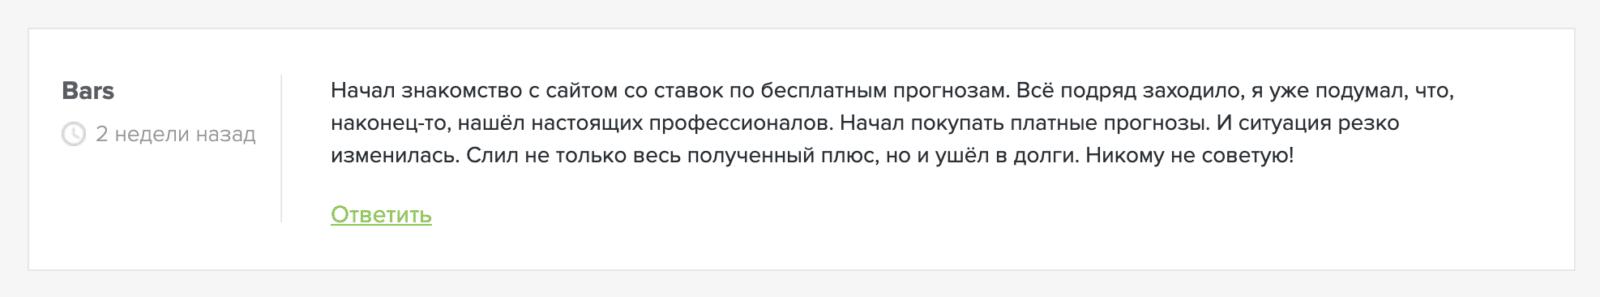 Отзывы о сайте Bet Time.ru (Бет Тайм)